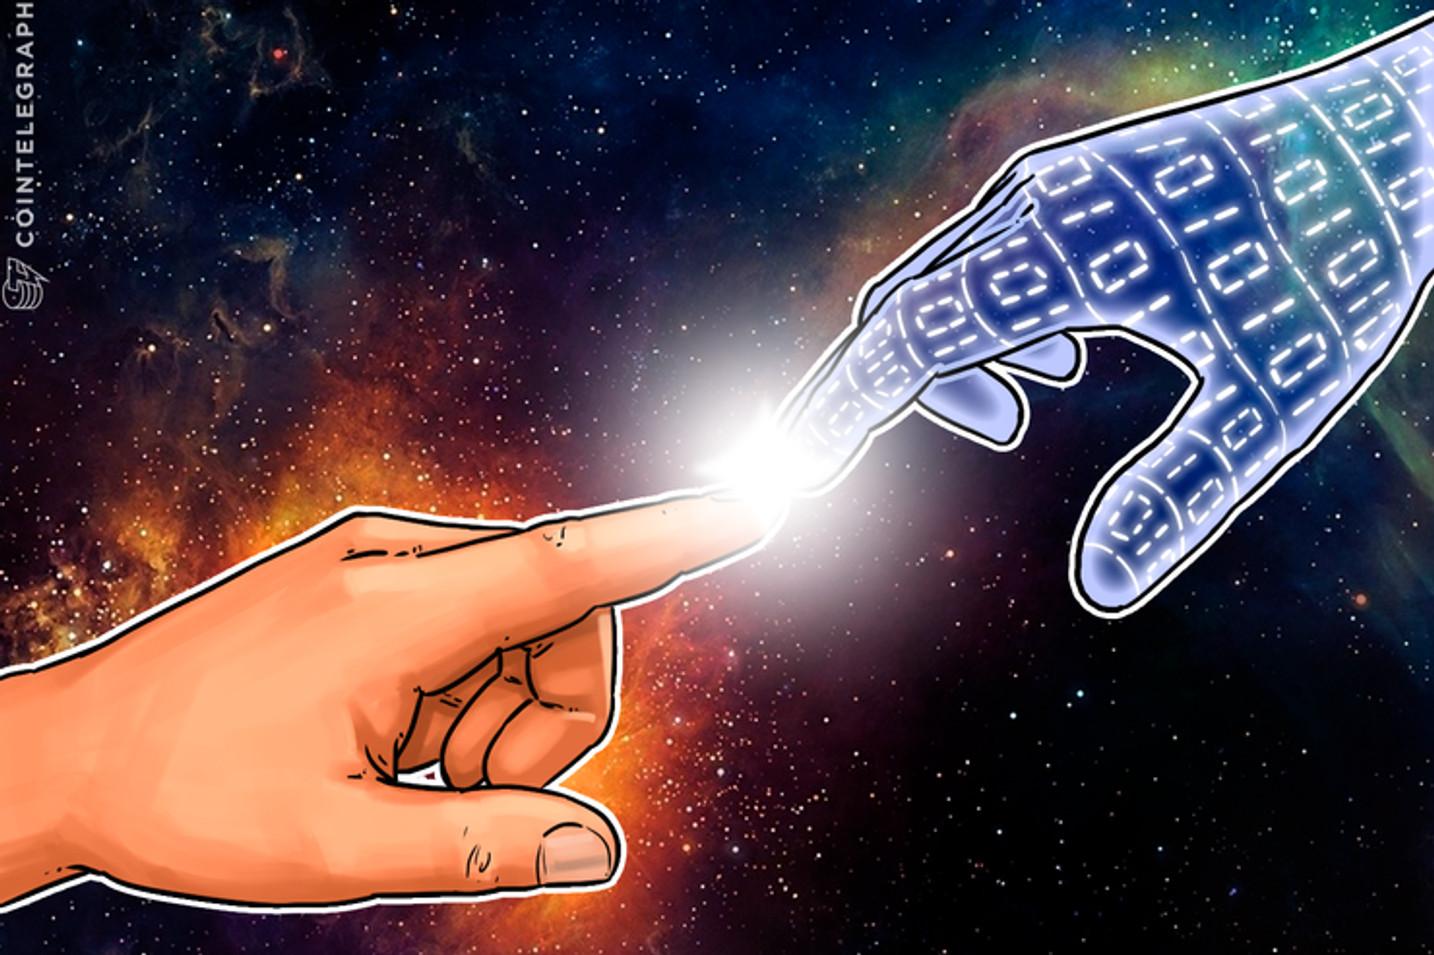 Rio Grande do Sul inaugura hub de blockchain